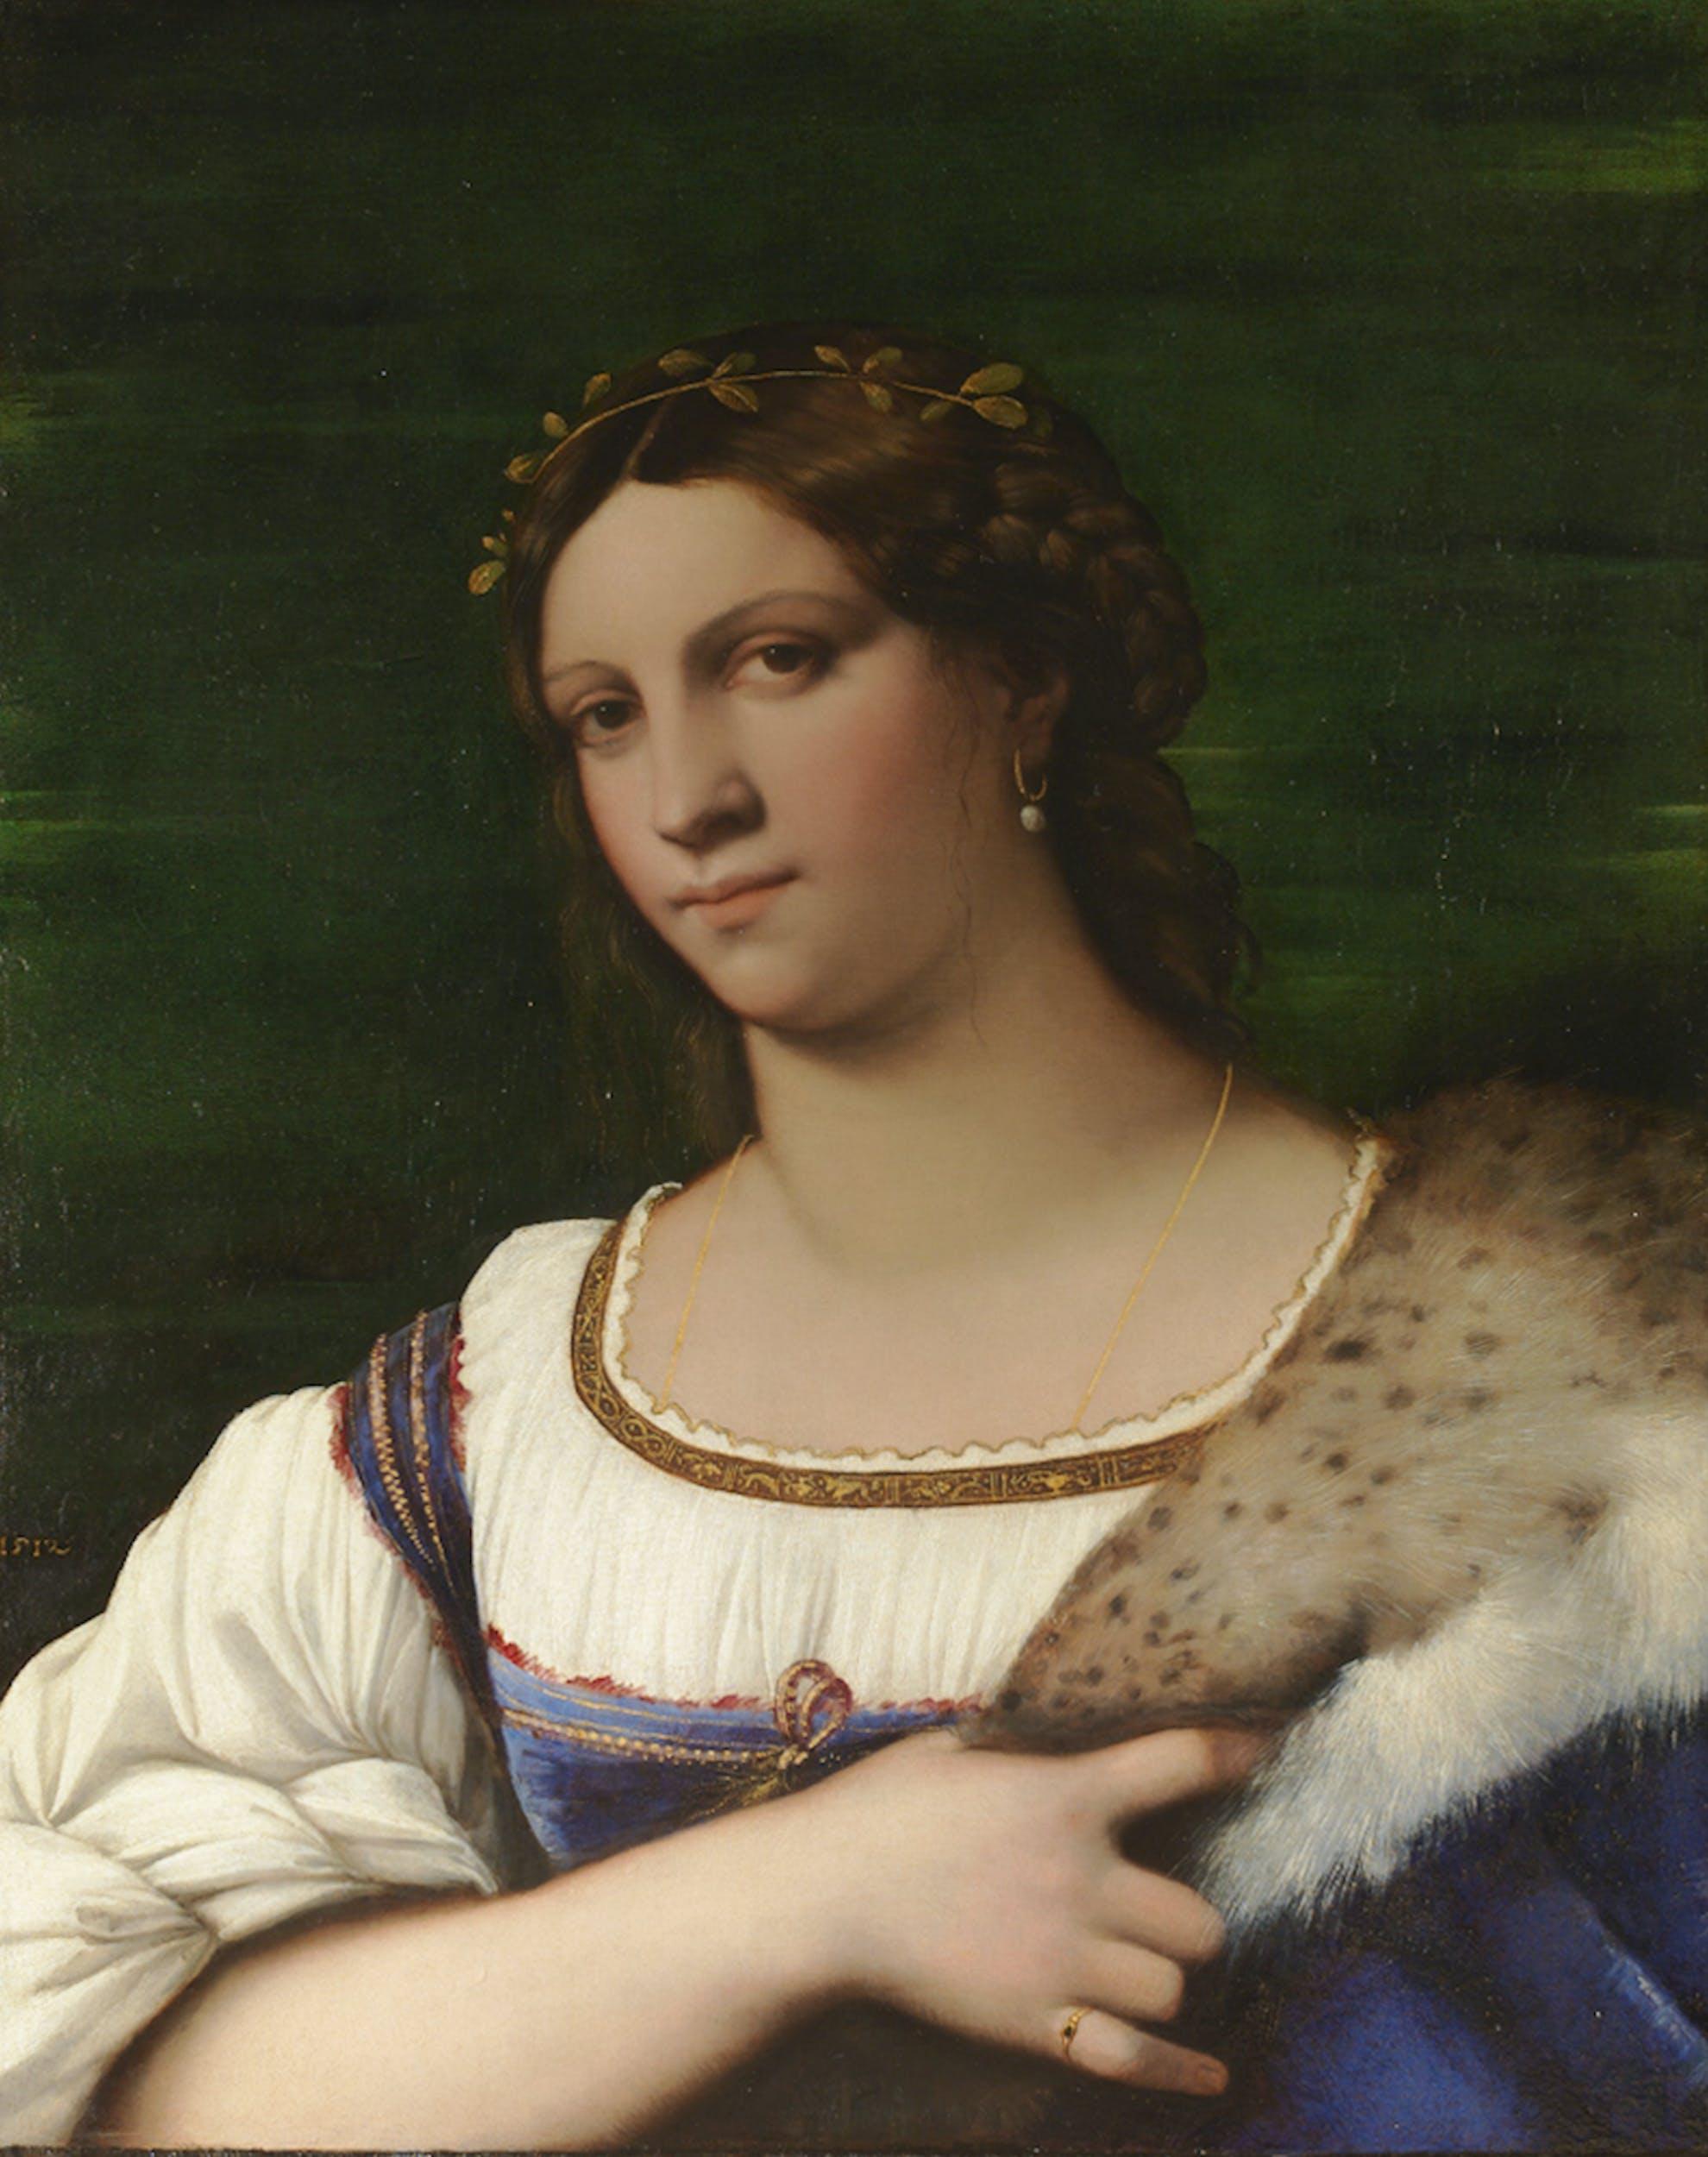 Sebastiano Luciani detto Sebastiano del Piombo Ritratto femminile 1512 olio su tavola Galleria delle Statue e delle Pitture, Gallerie degli Uffizi,